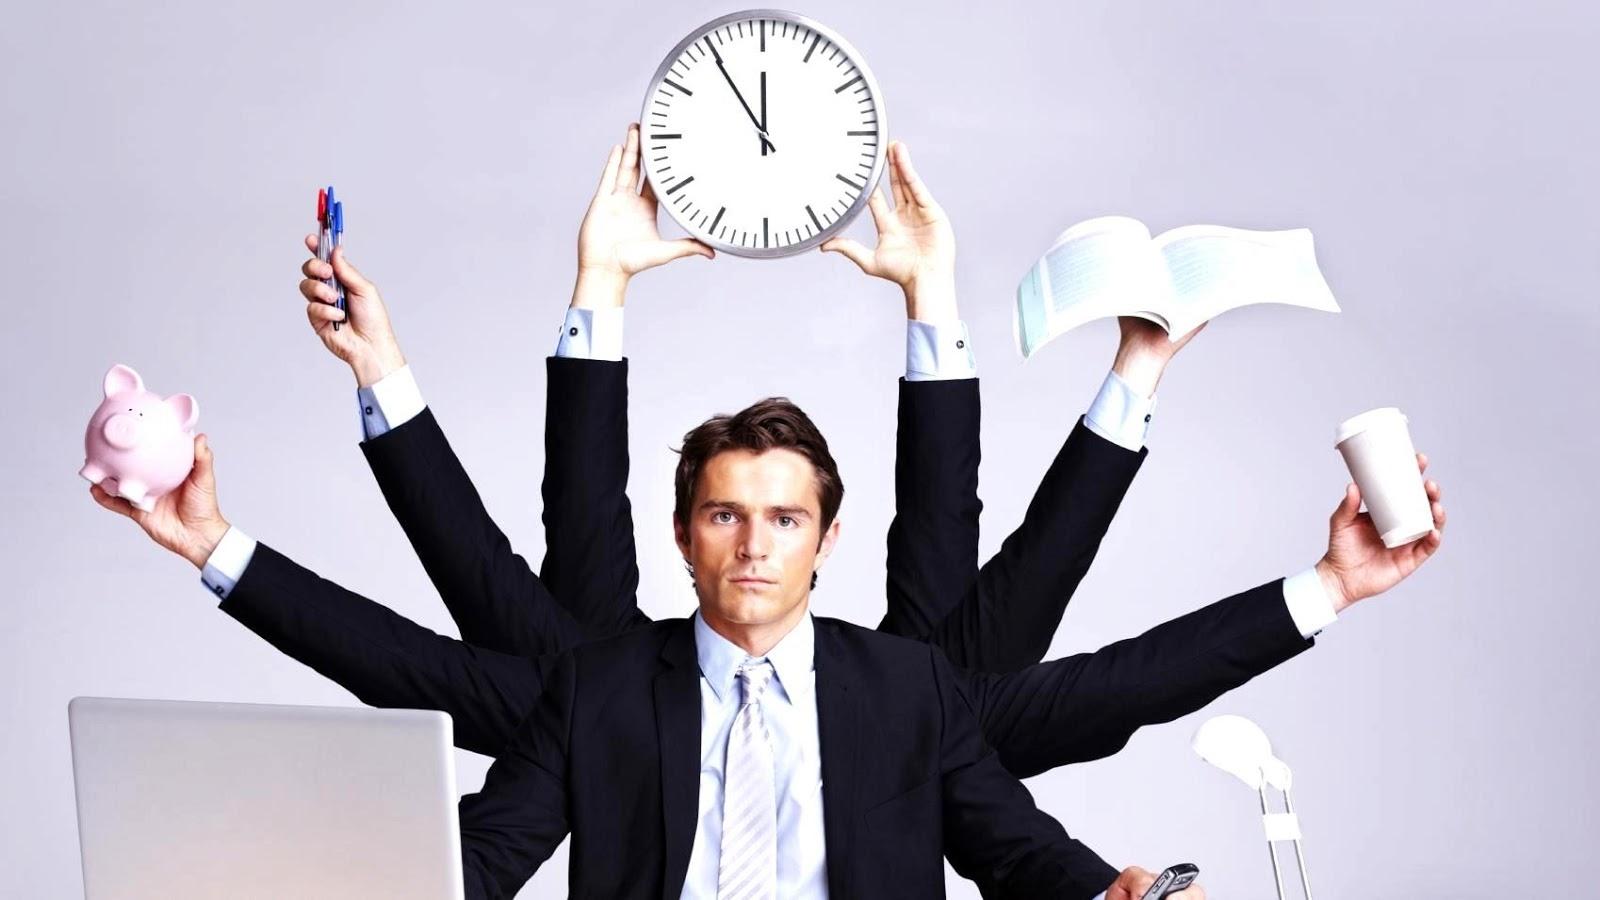 چگونه می توان روزهای پرکار آخر سال را مدیریت کرد؟